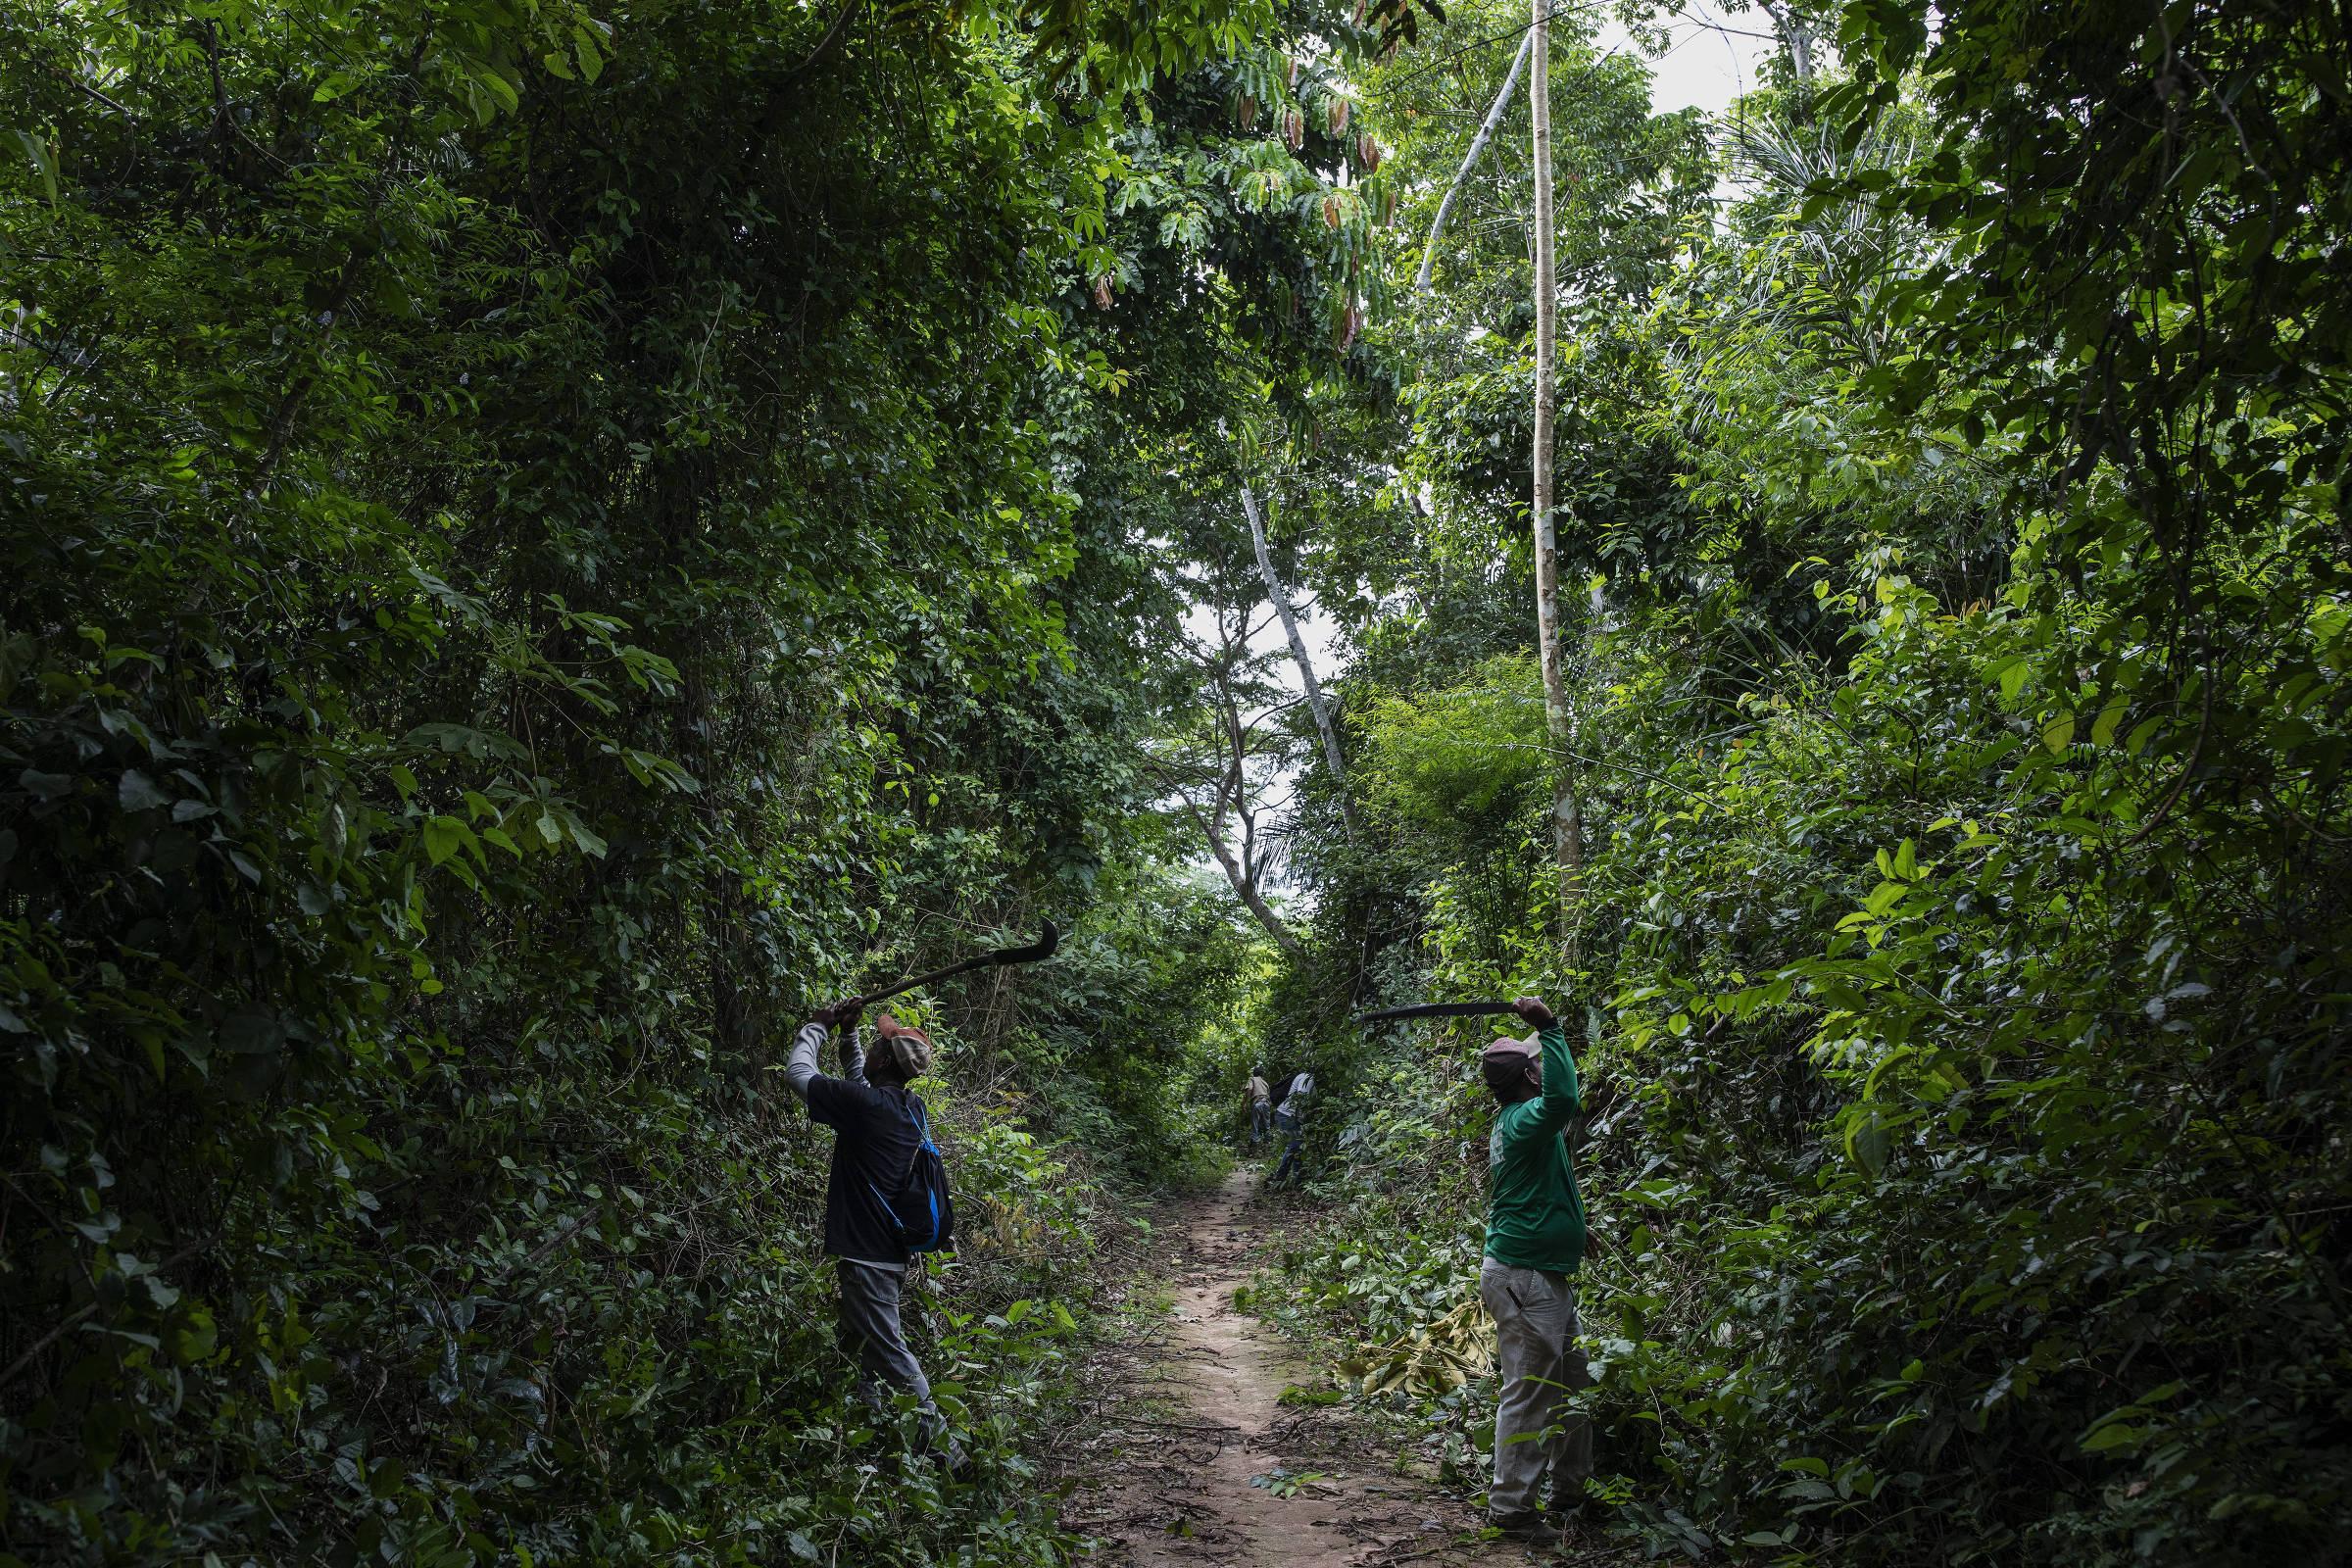 Moradores da comunidade quilombola de Pedras Negras, em Rondônia, preparam a trilha para escoar a coleta de castanha